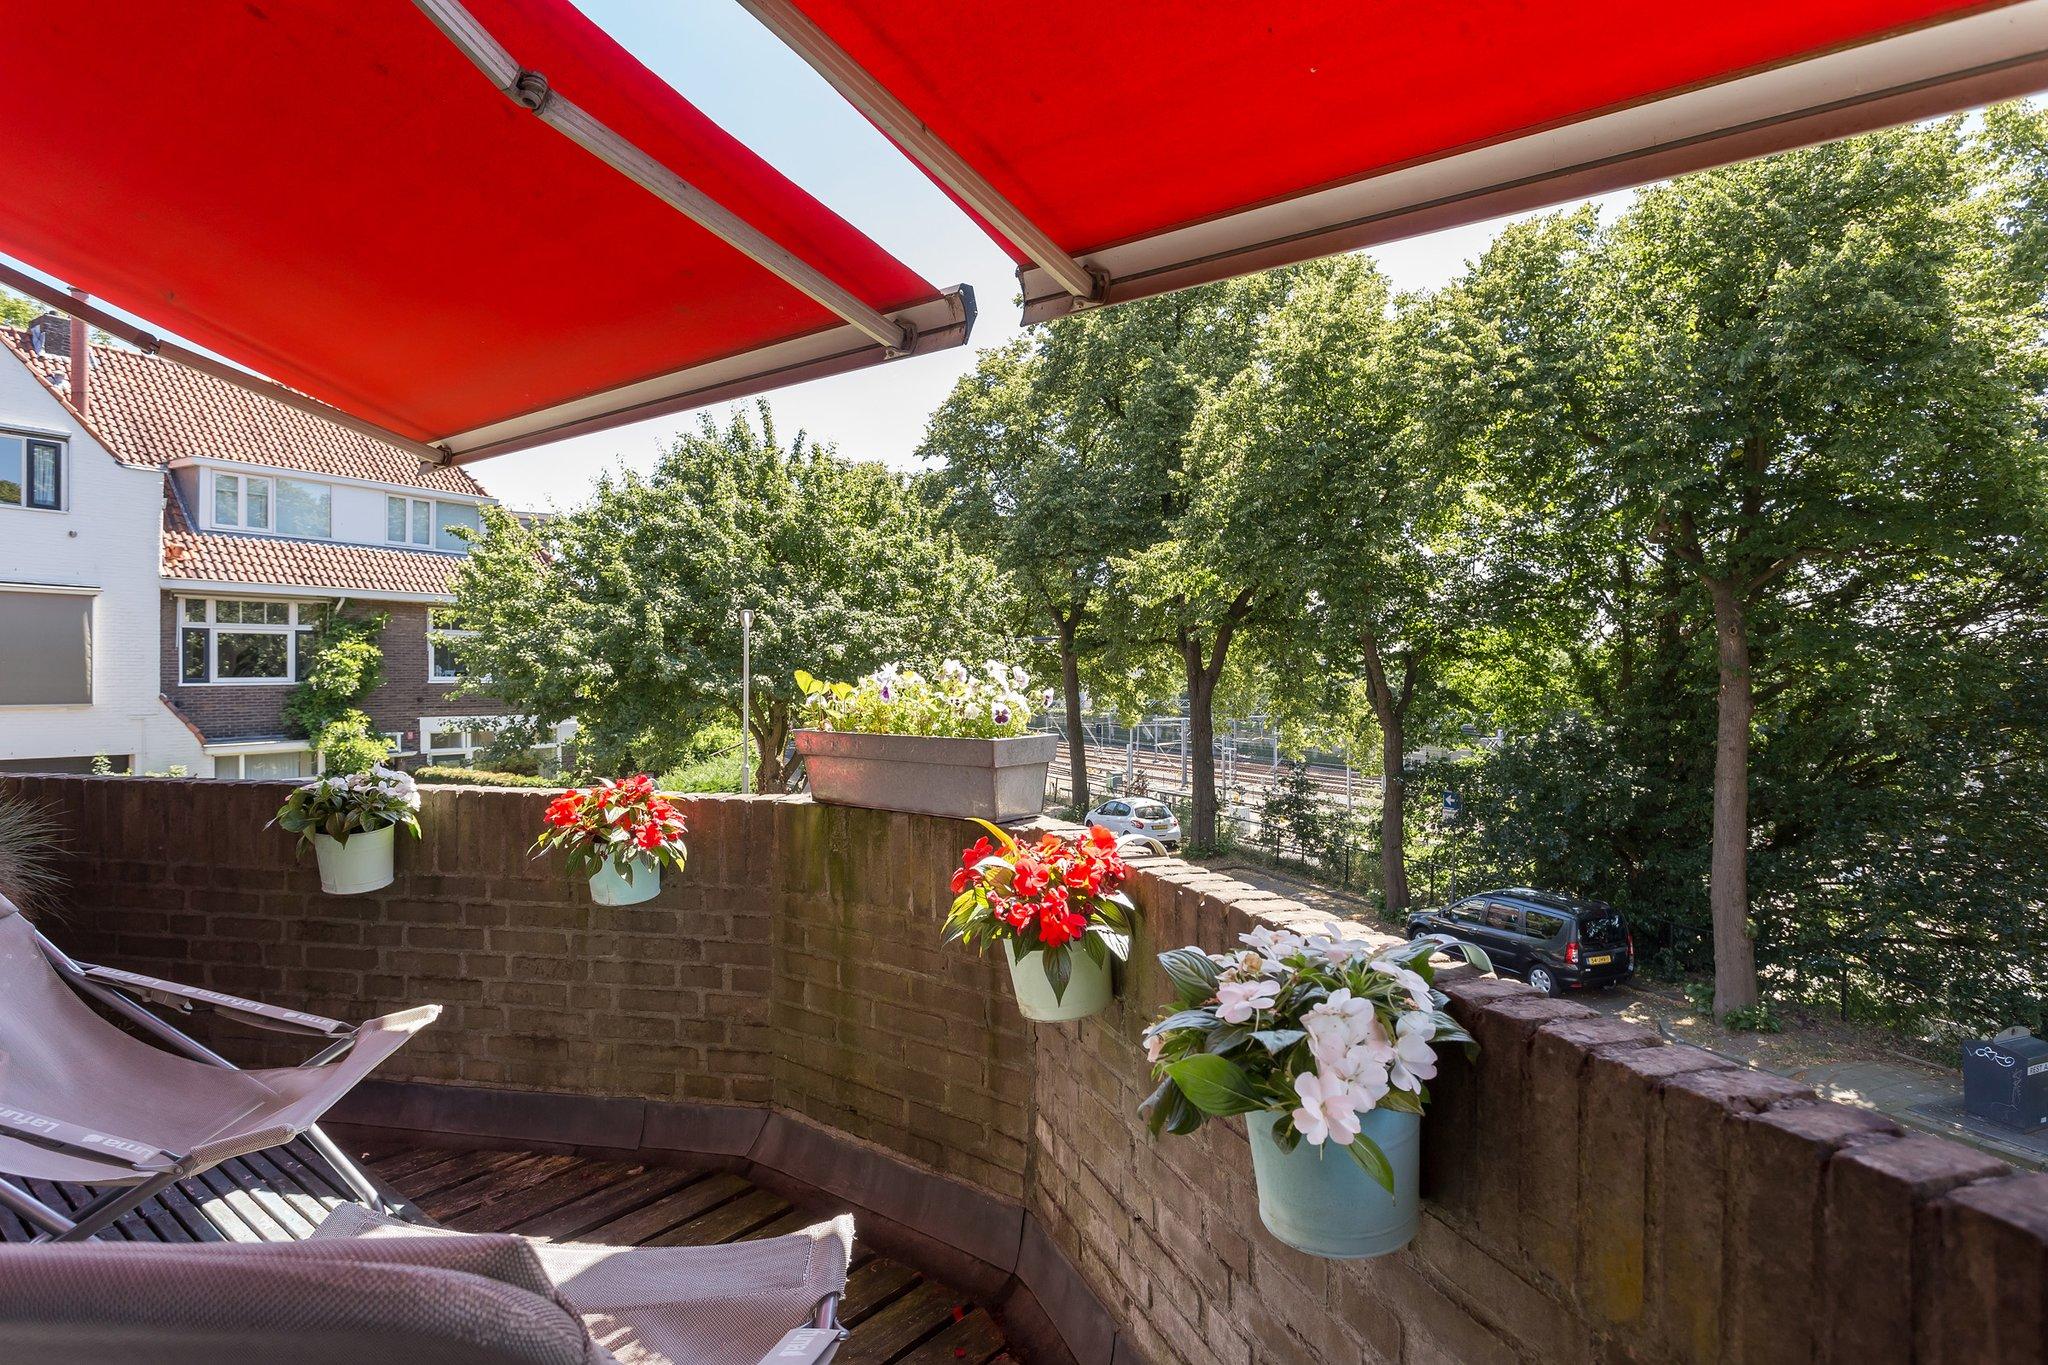 Gezellig Zonnig Balkon : Laatste zomerconcert zonnig en gezellig druk debiltinbeeld